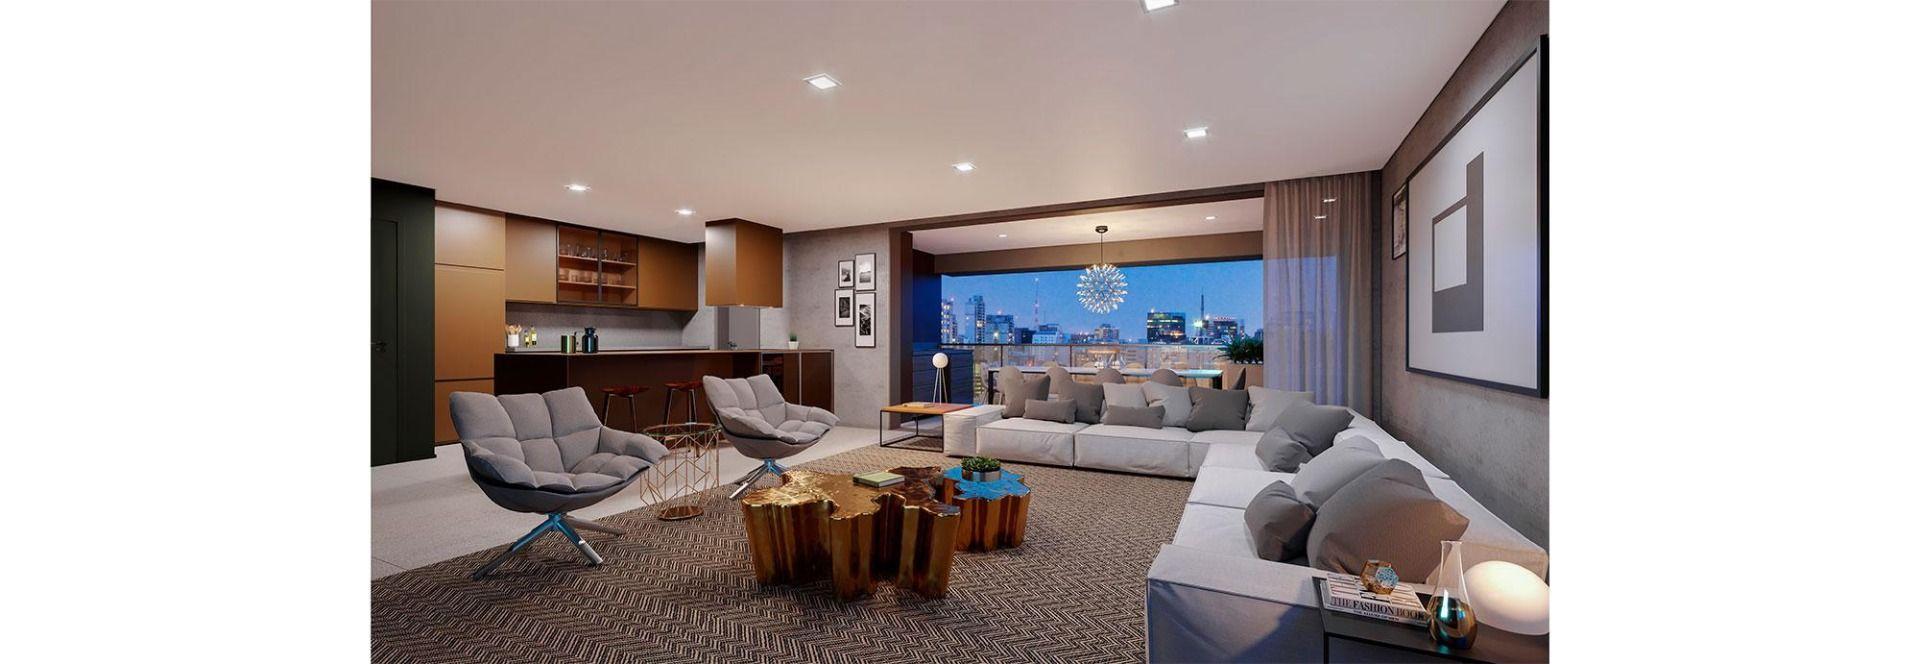 LIVING do apto de 181 m².